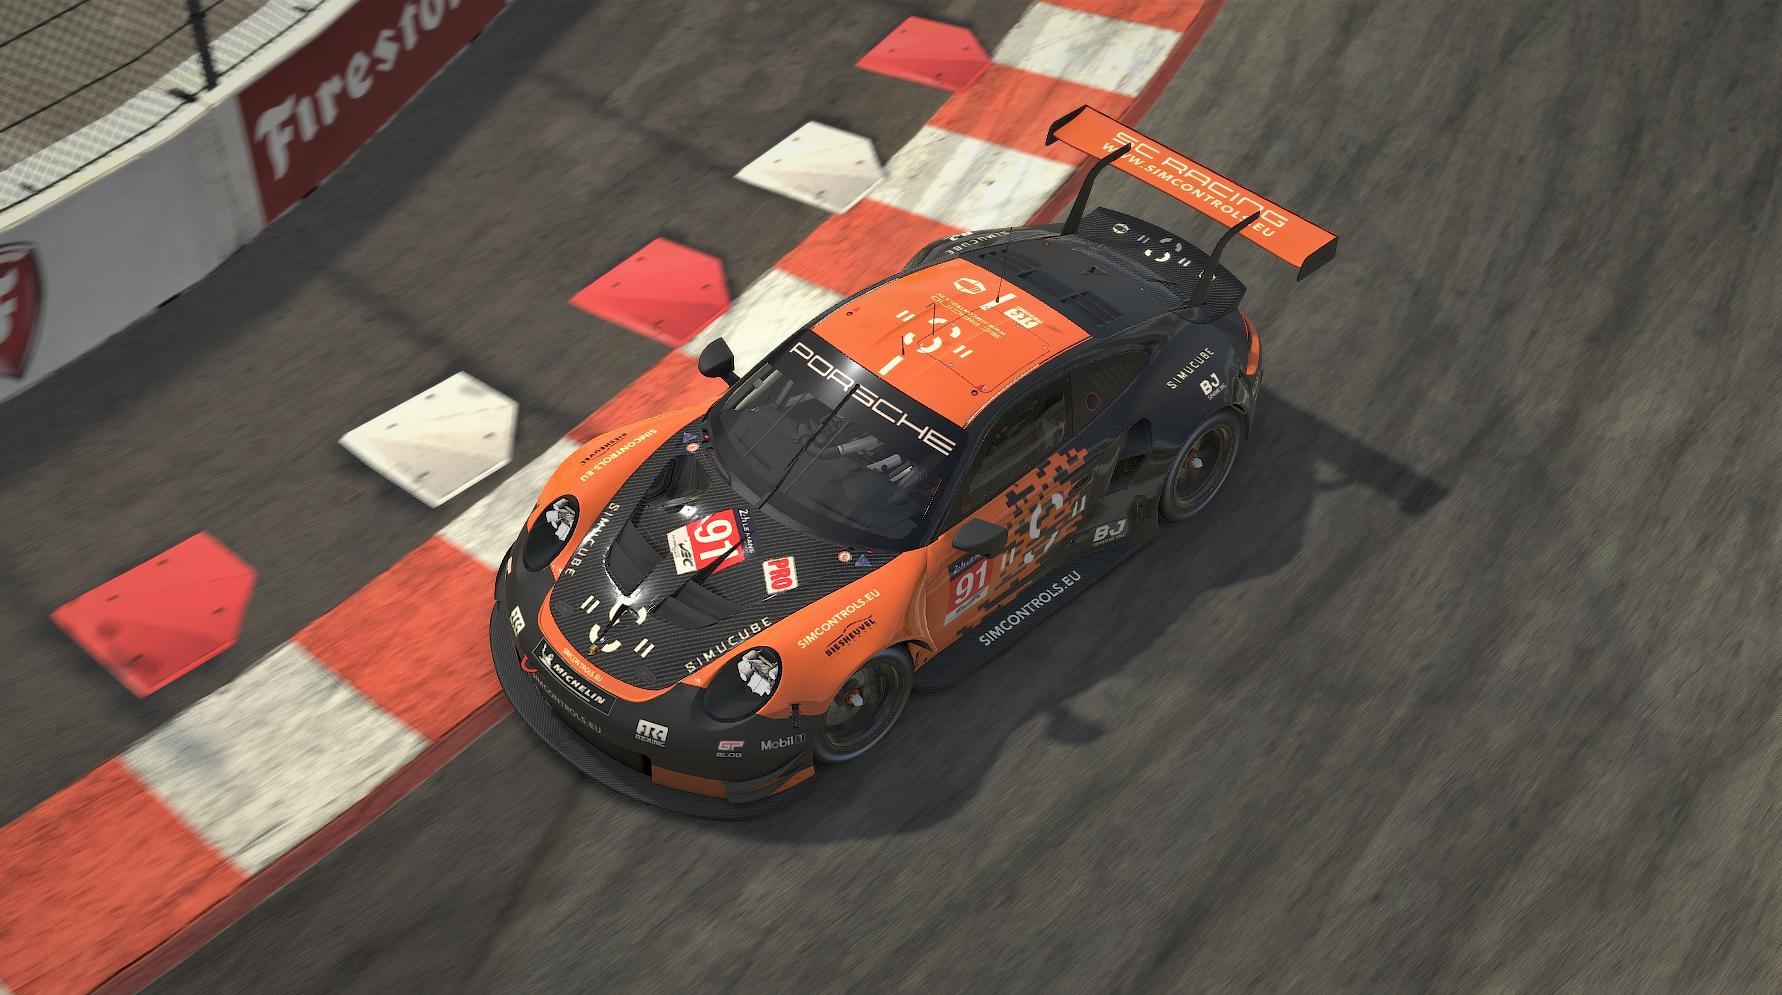 Preview of Porsche 911 RSR By Simcontrols.eu by David Plasman